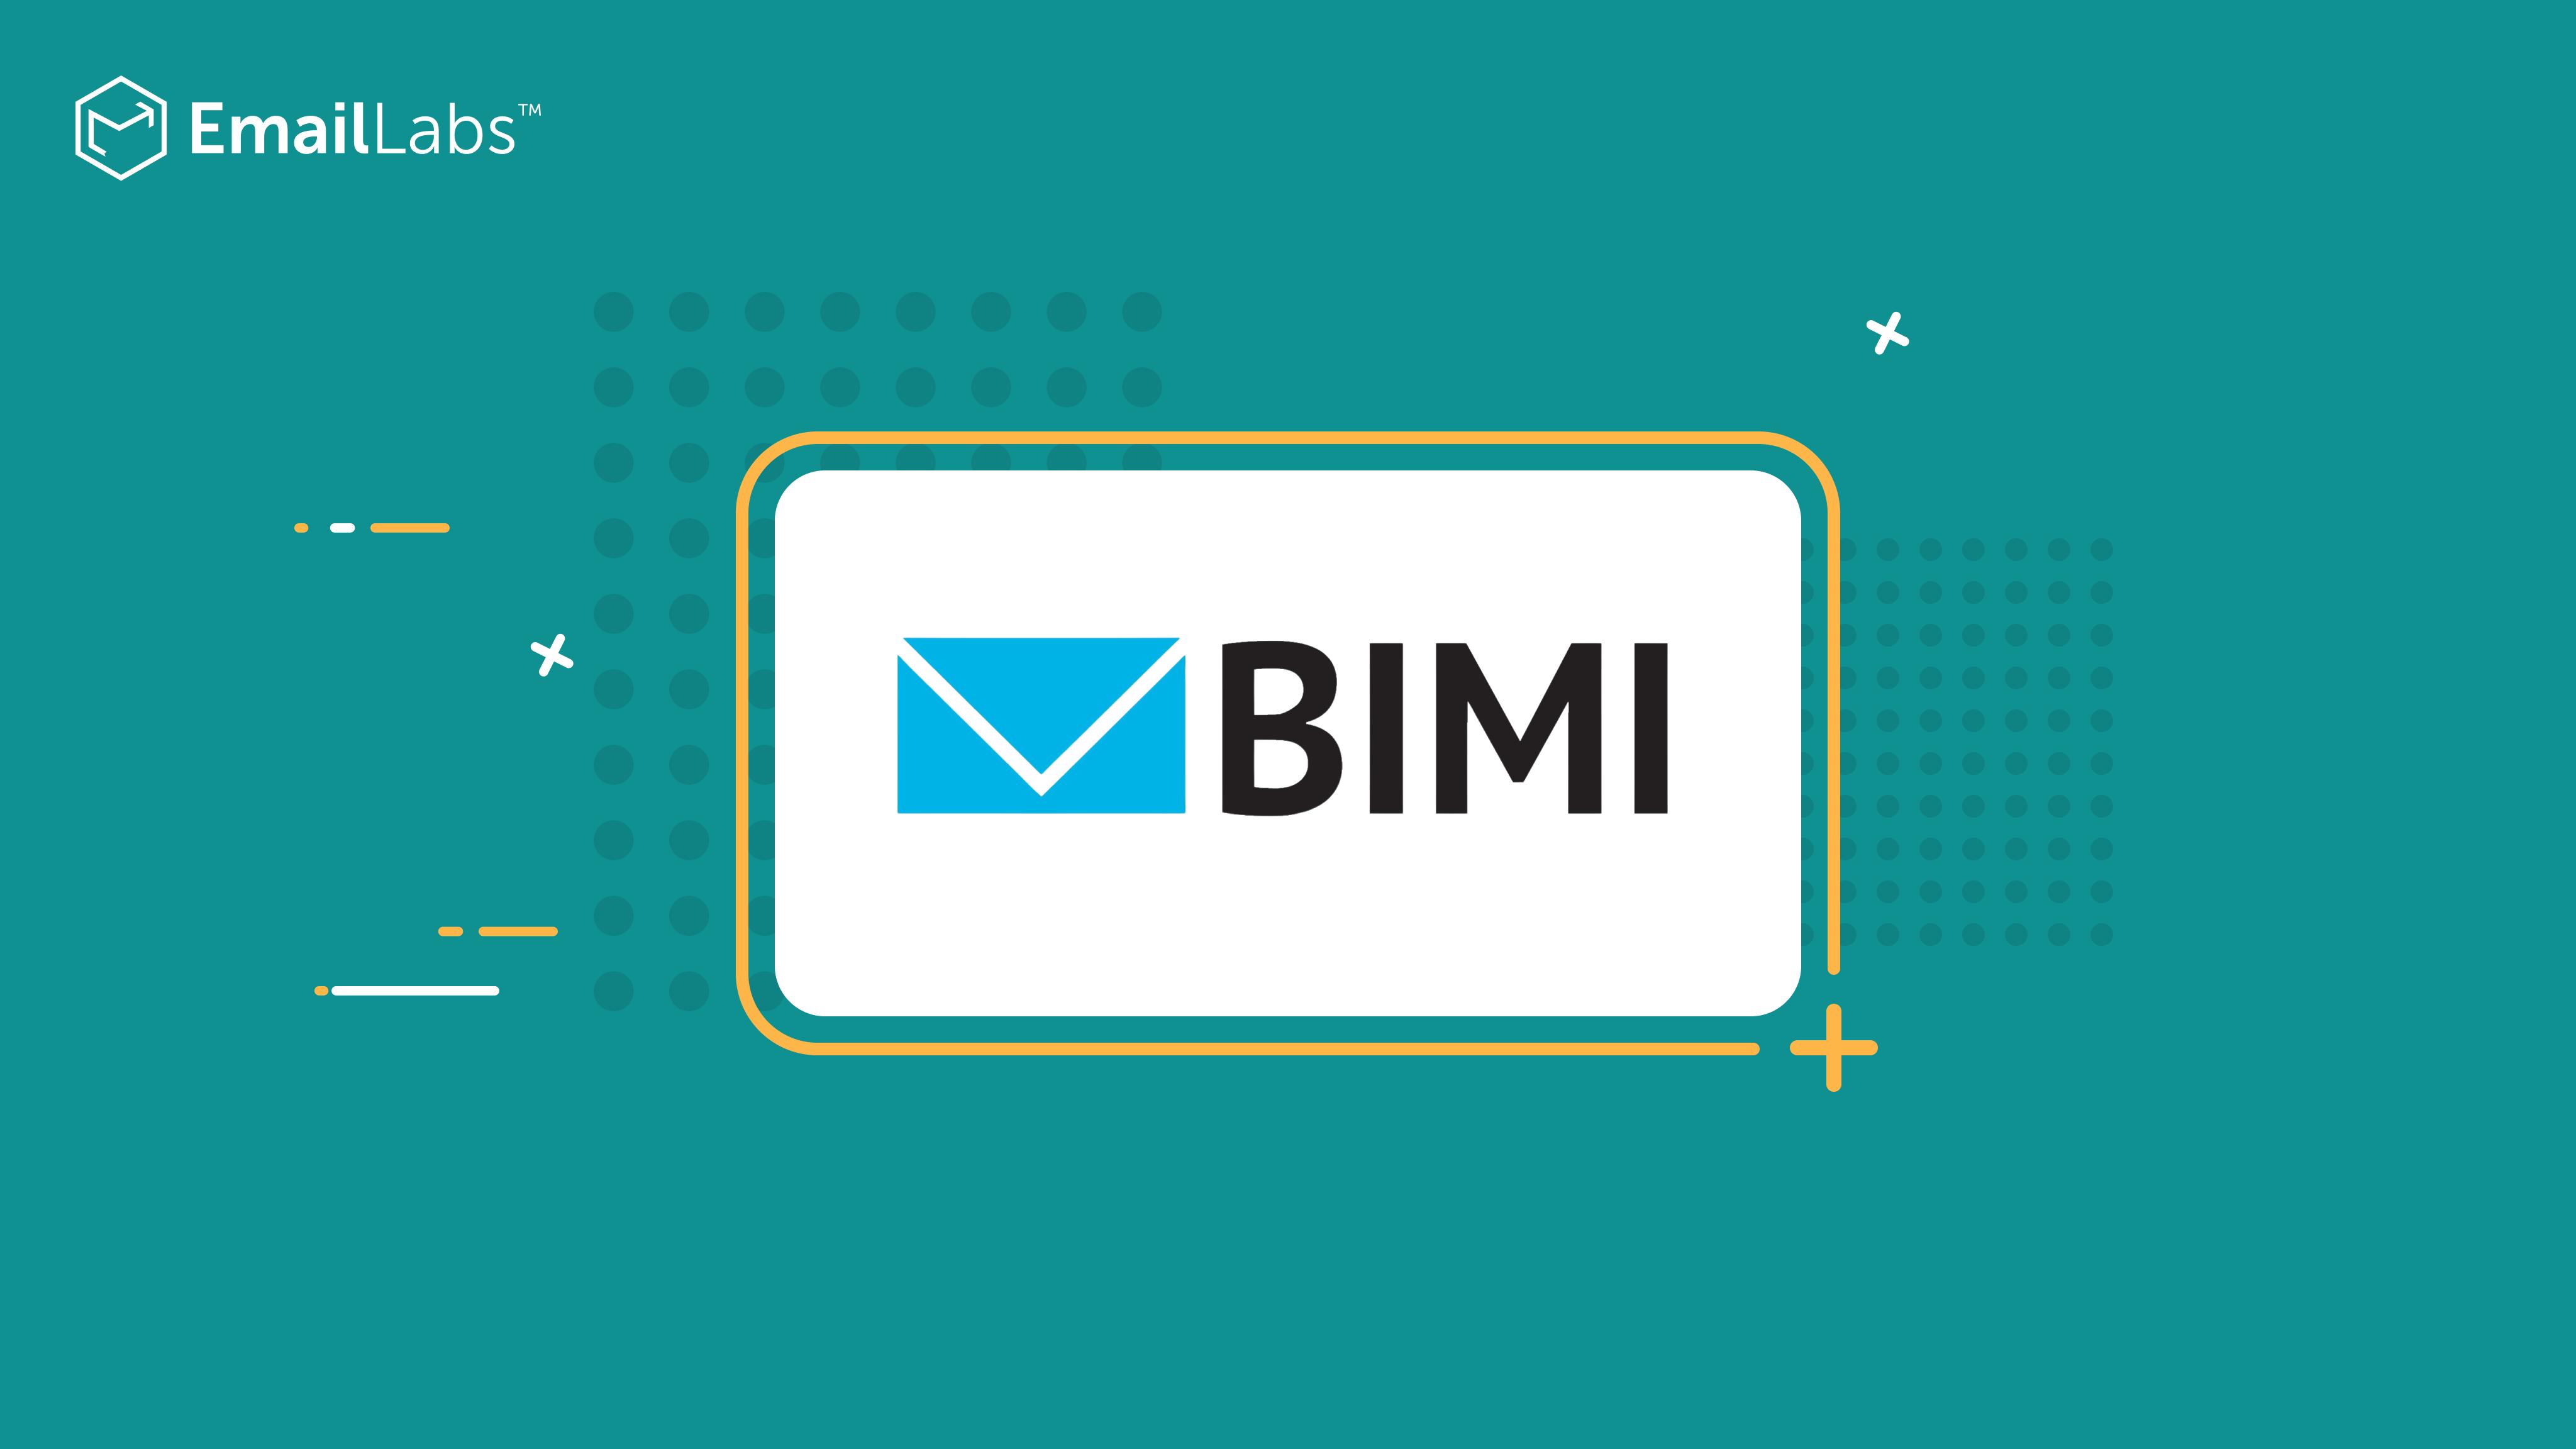 BIMI: ekspert EmailLabs odpowiada na 6 kluczowych pytań